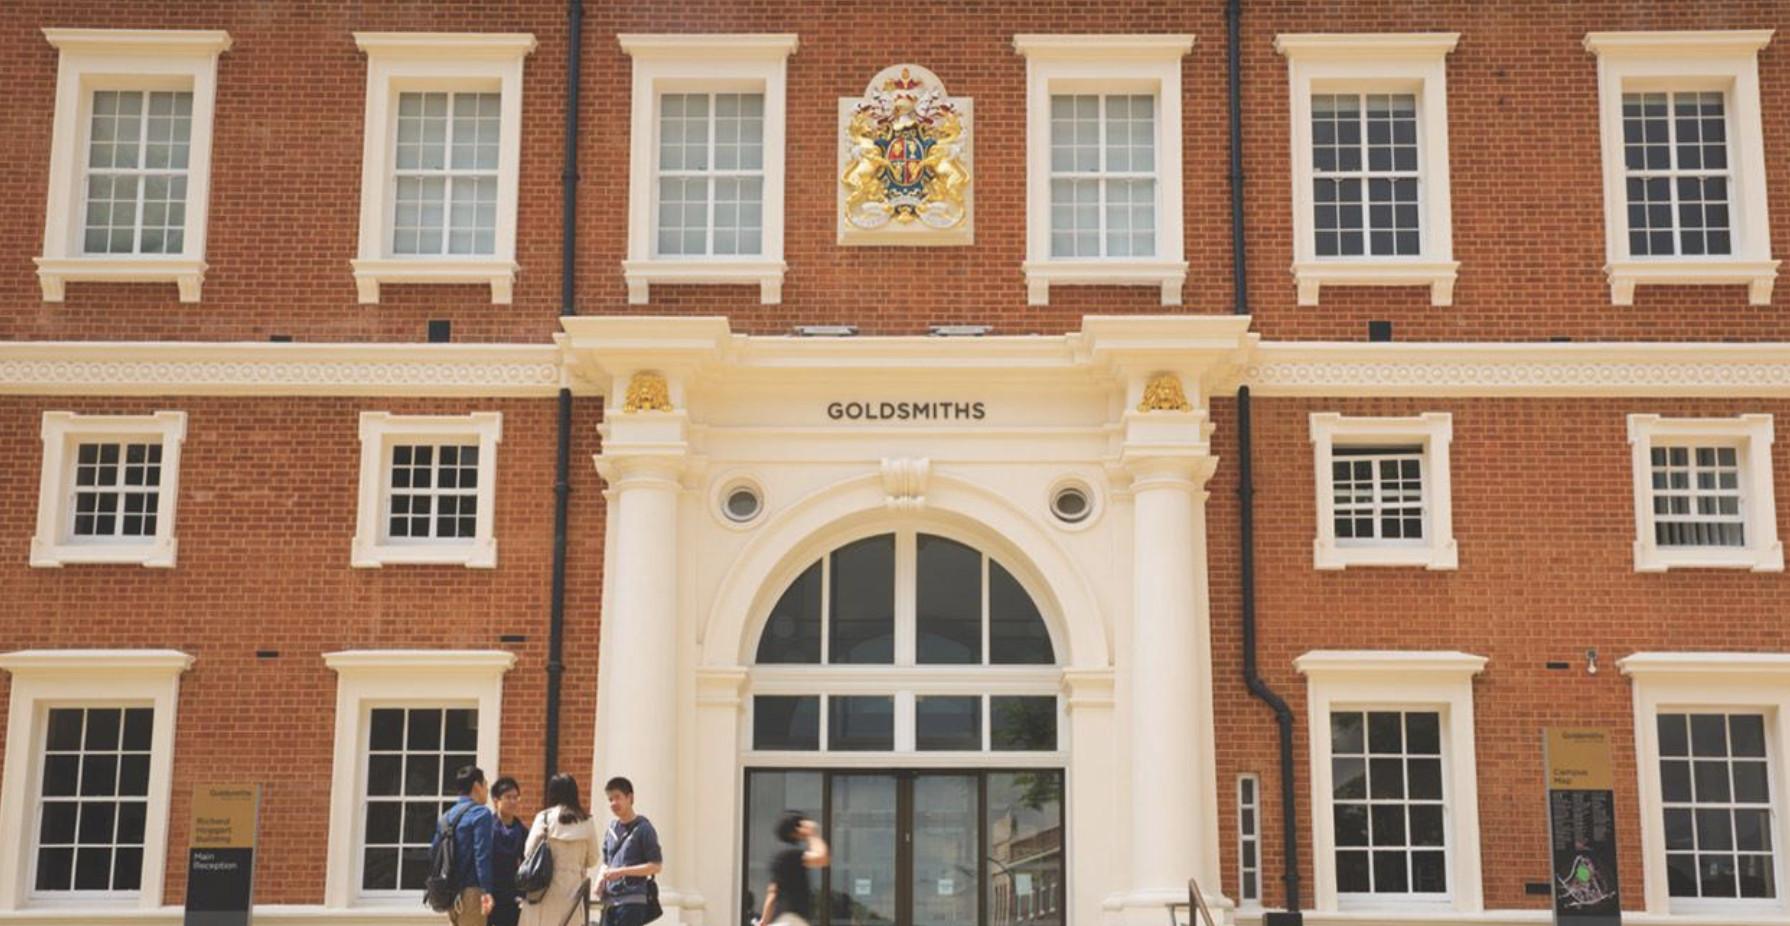 2022年英国金史密斯大学QS排名